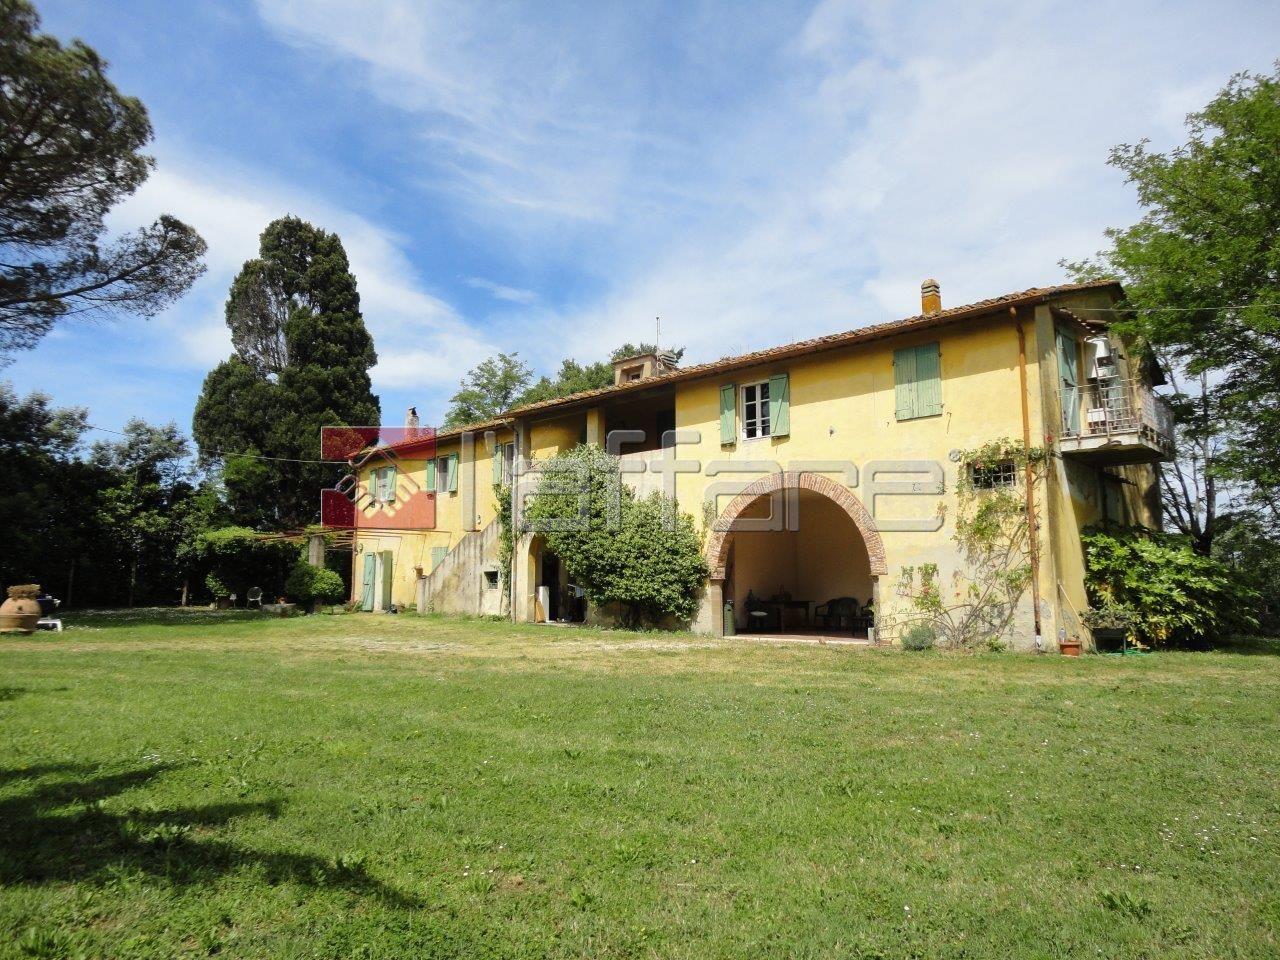 Rustico / Casale in vendita a Fauglia, 10 locali, prezzo € 1.400.000 | CambioCasa.it